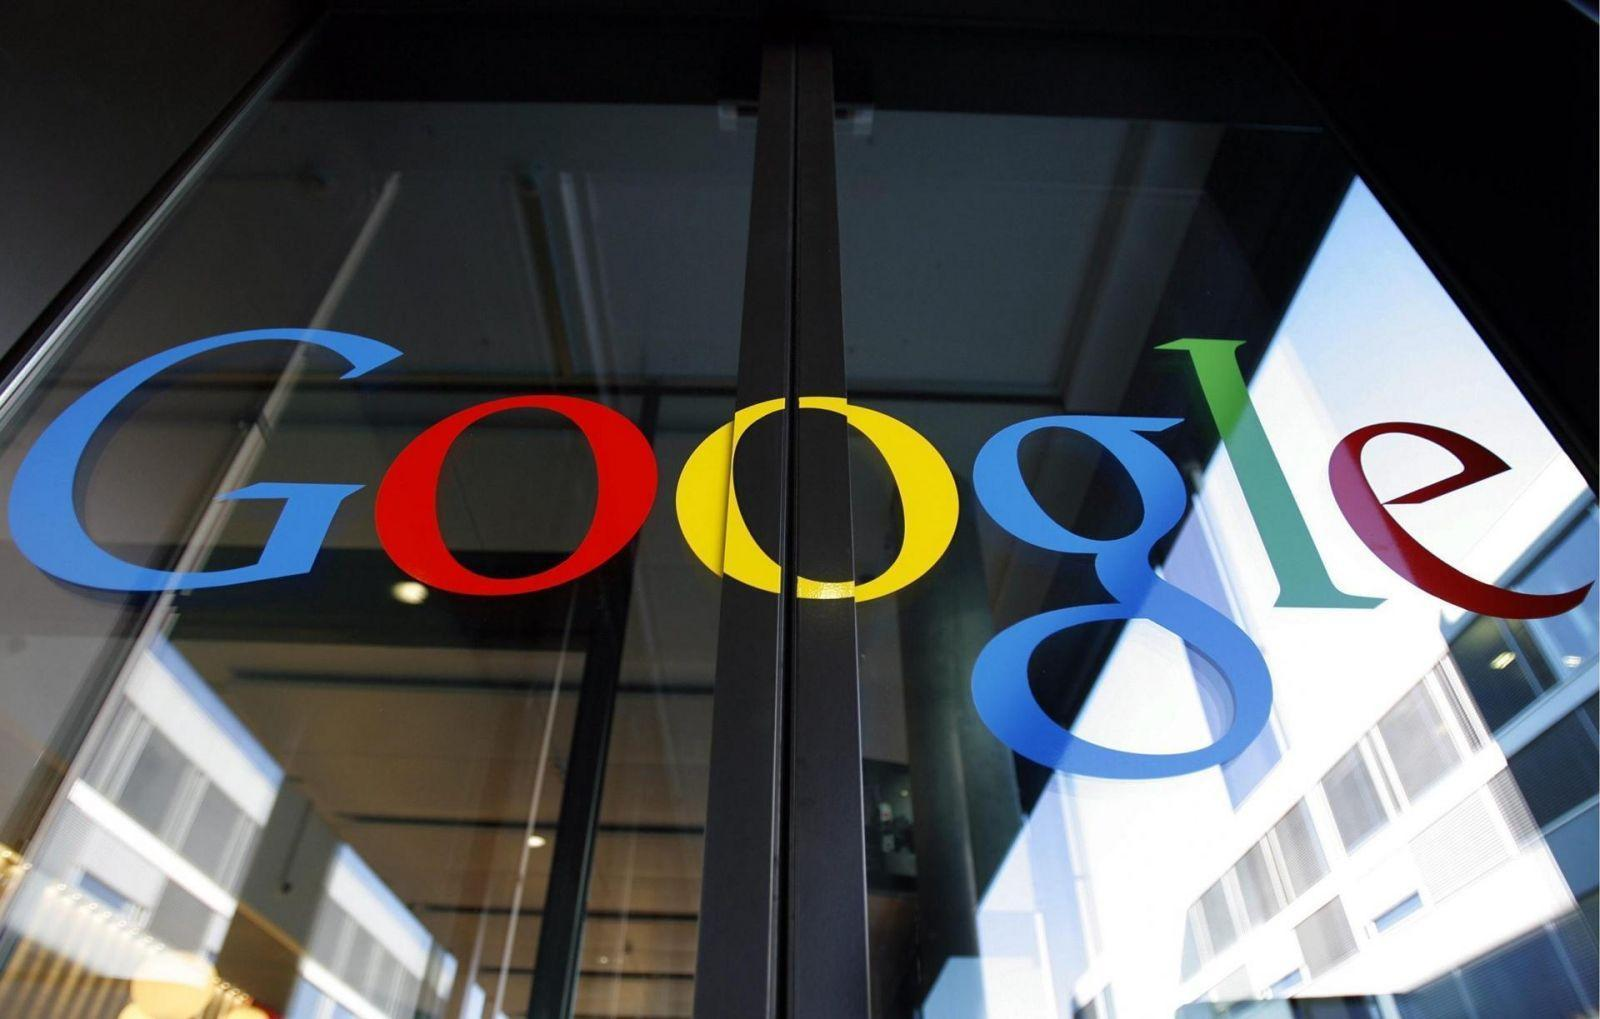 140424 google logo 1620 ec339375ee951819b90c72ce25860d2b - Google ищет место для собственного города.